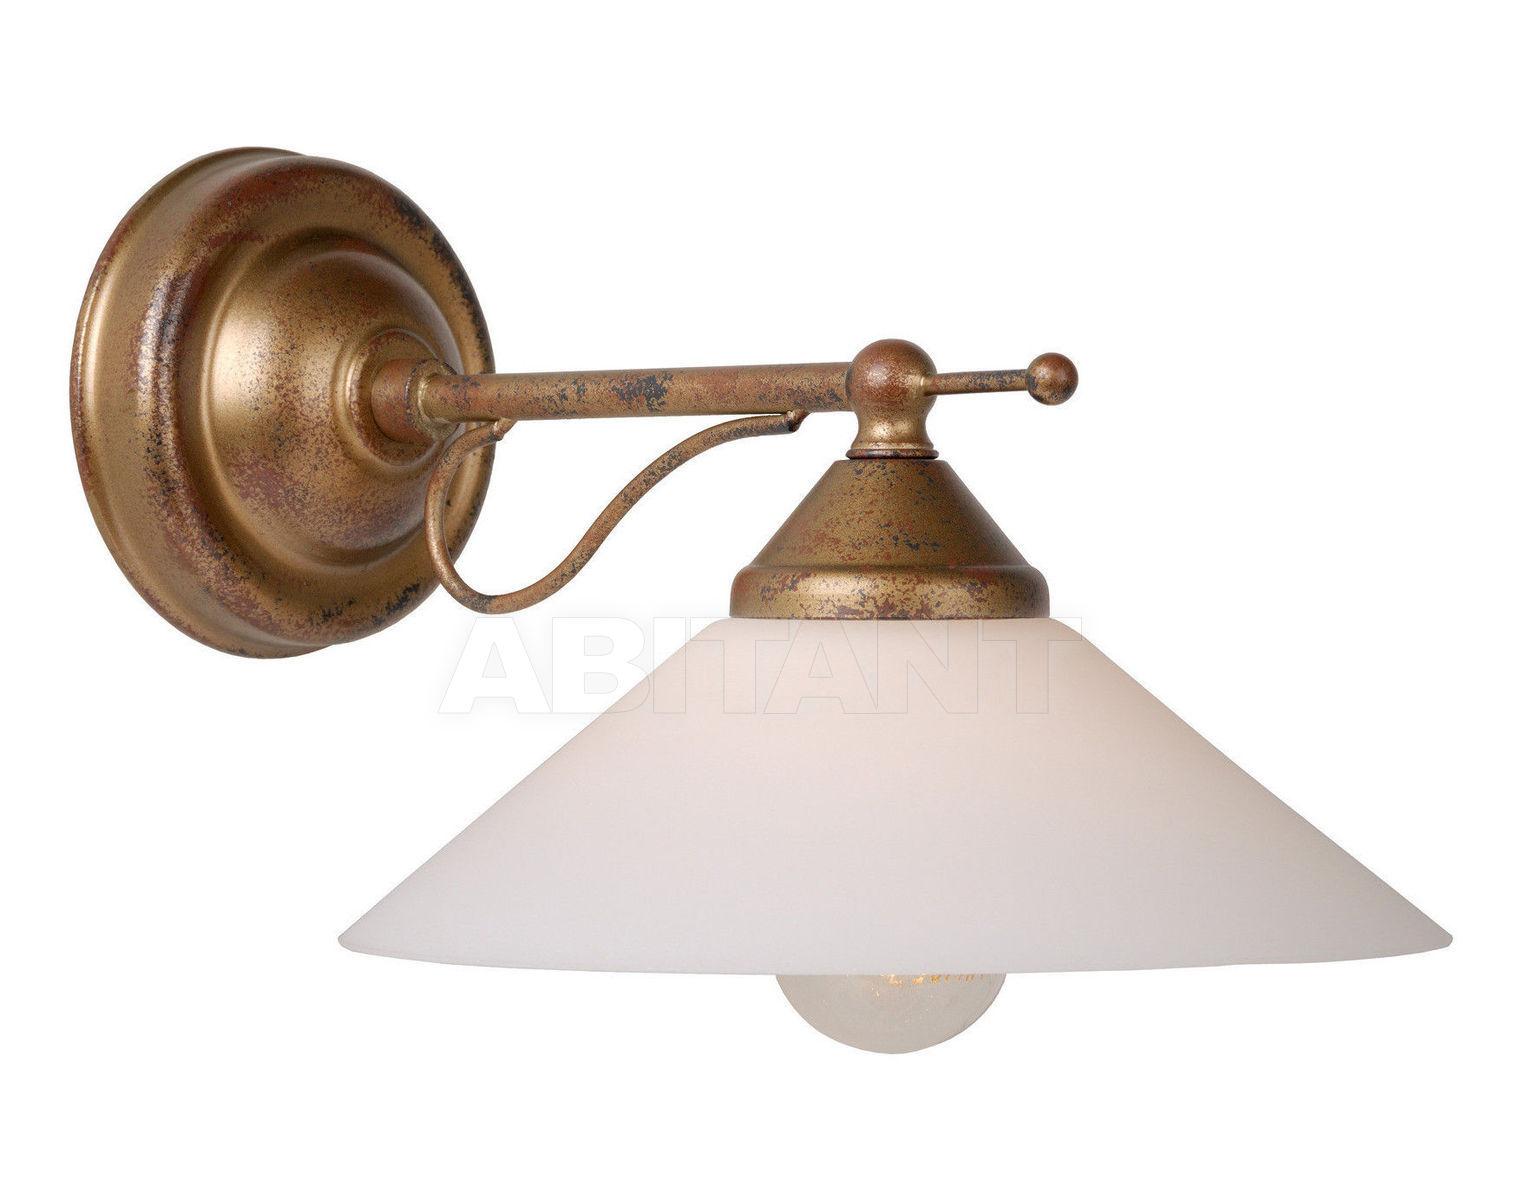 Купить Светильник настенный HAMILTON Lucide  Cottage 31247/01/97